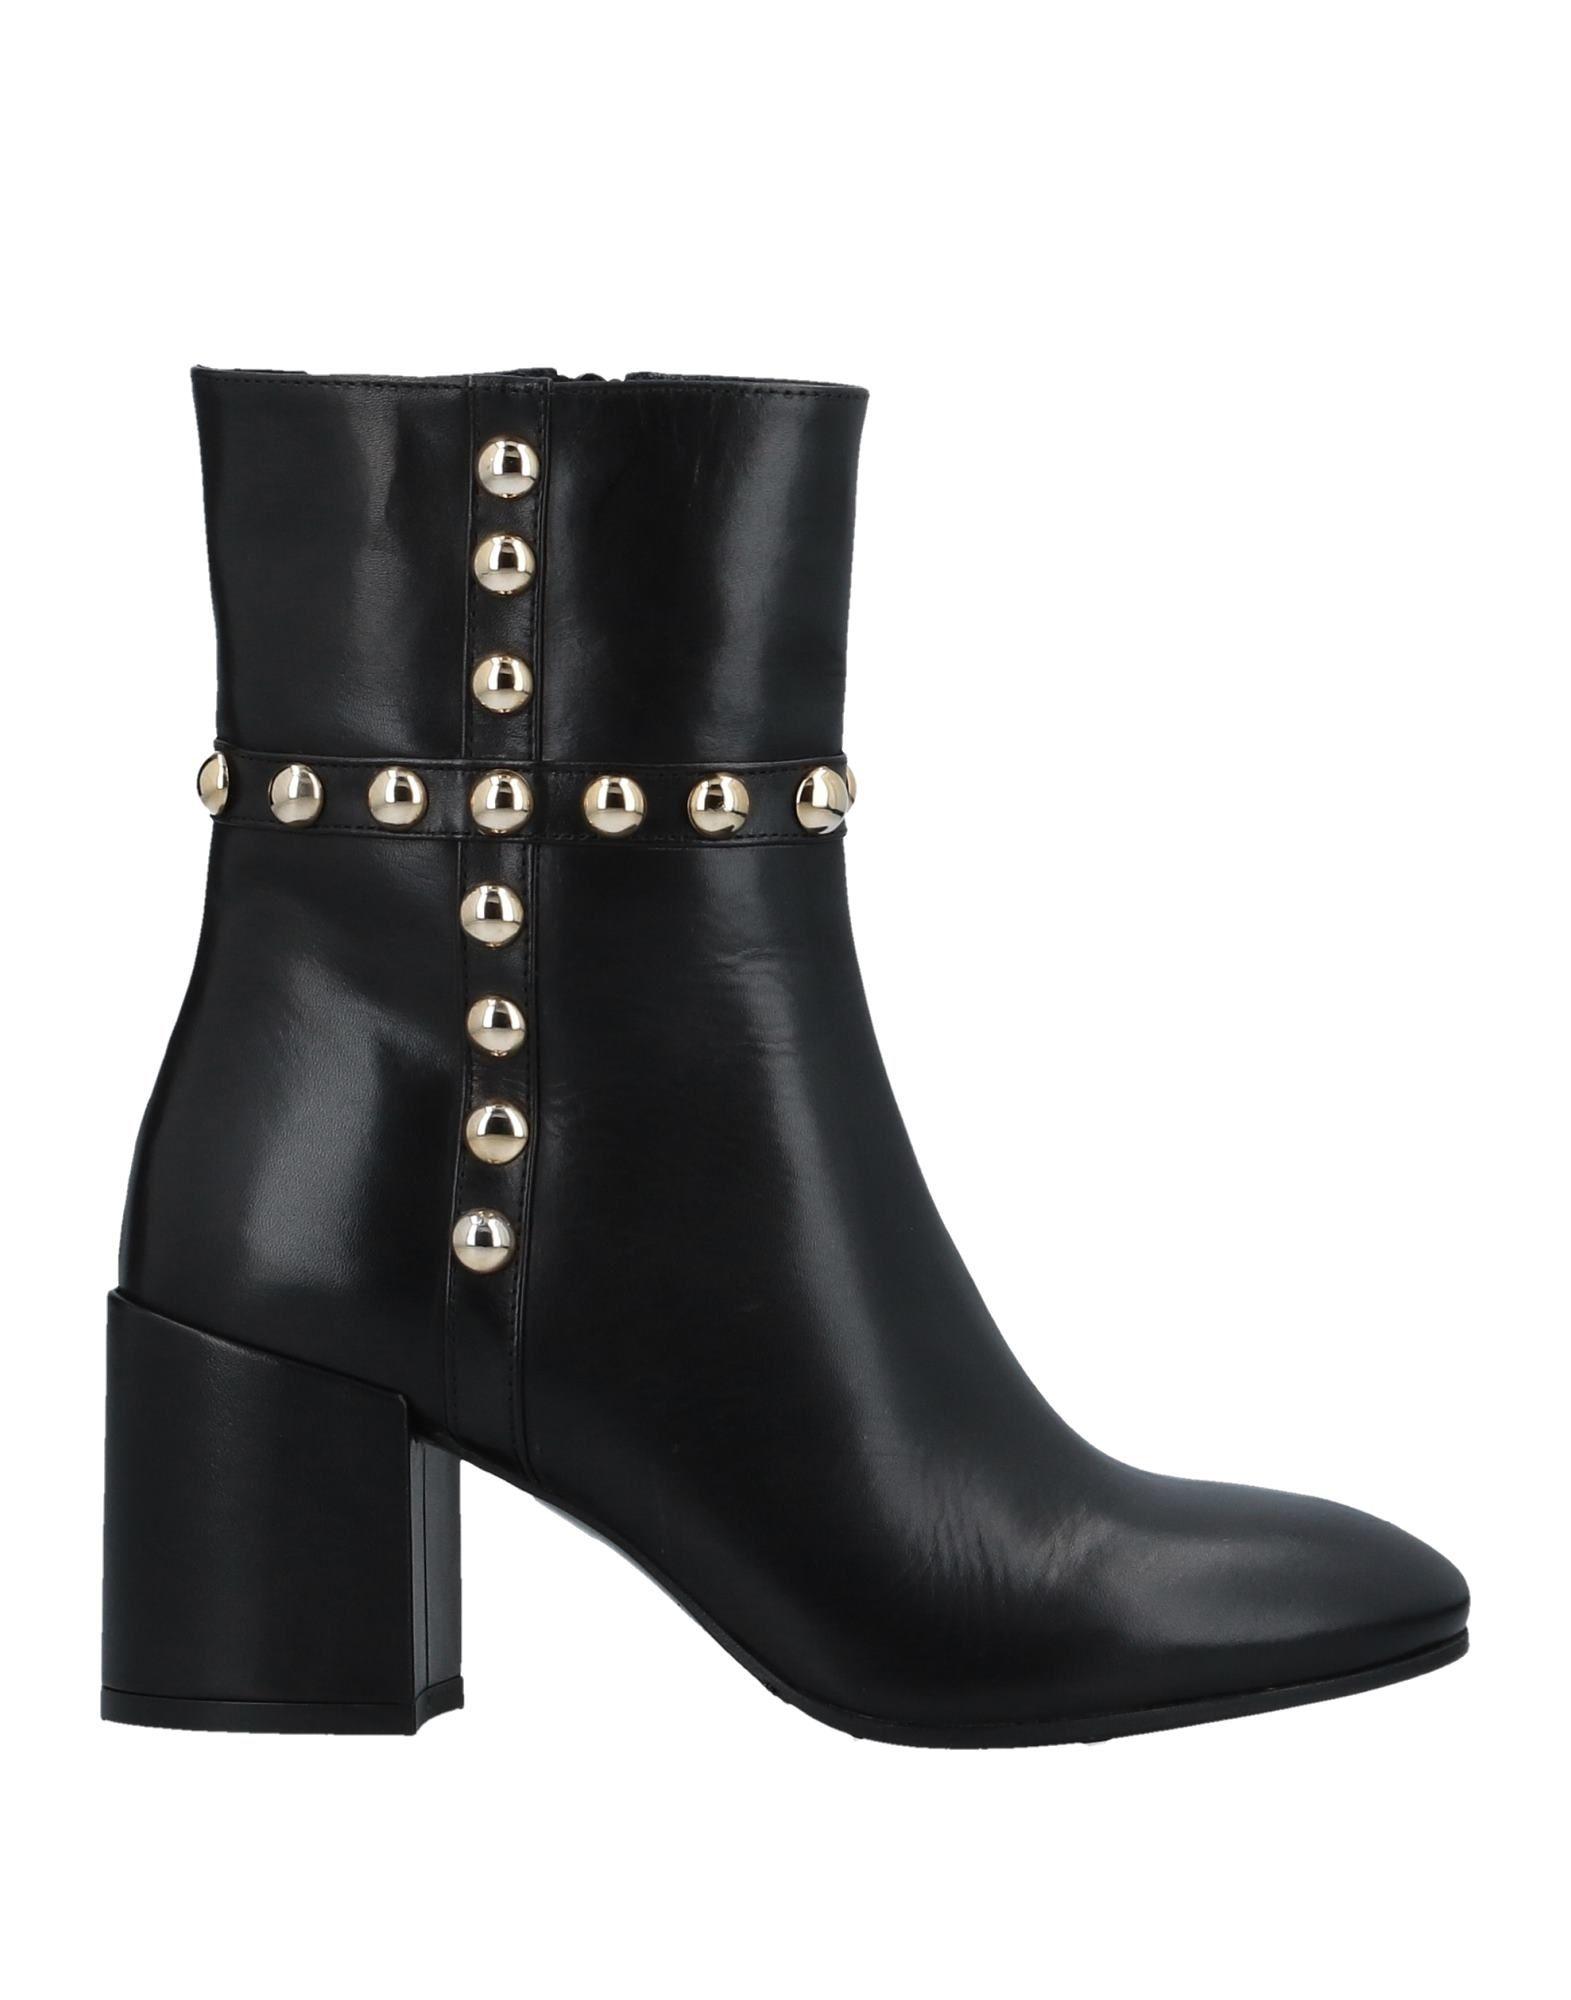 Bottine Mivida Femme - Bottines Mivida Noir Chaussures femme pas cher homme et femme